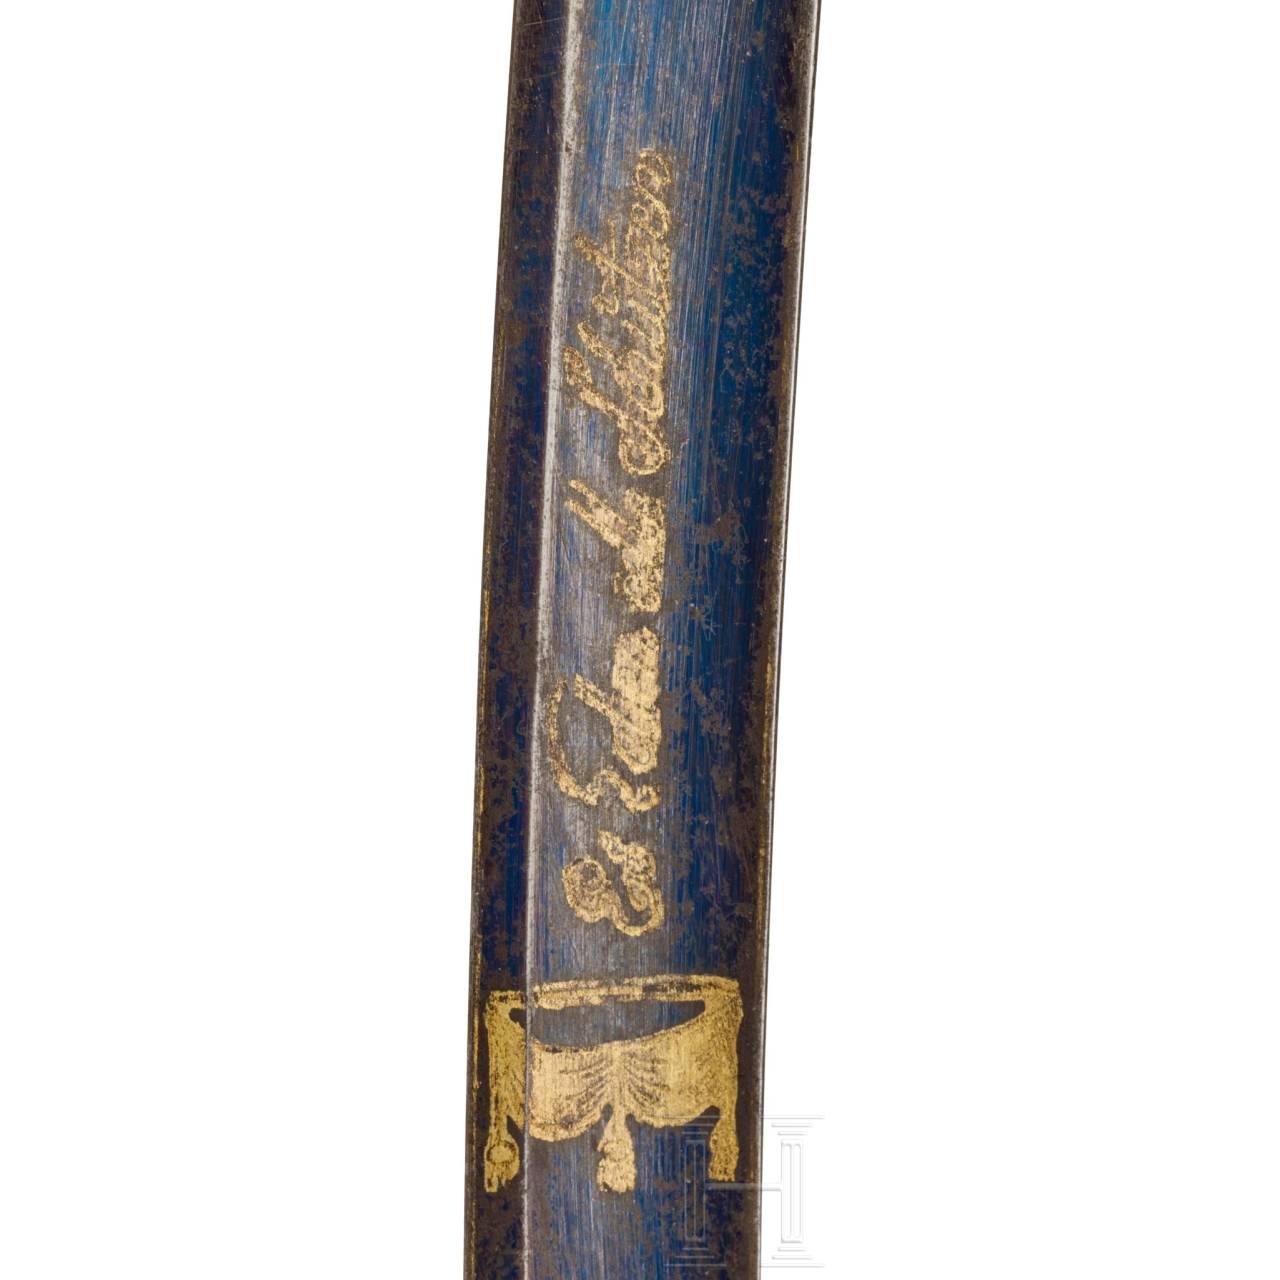 Schießpreissäbel der Stadt Frankfurt, um 1820